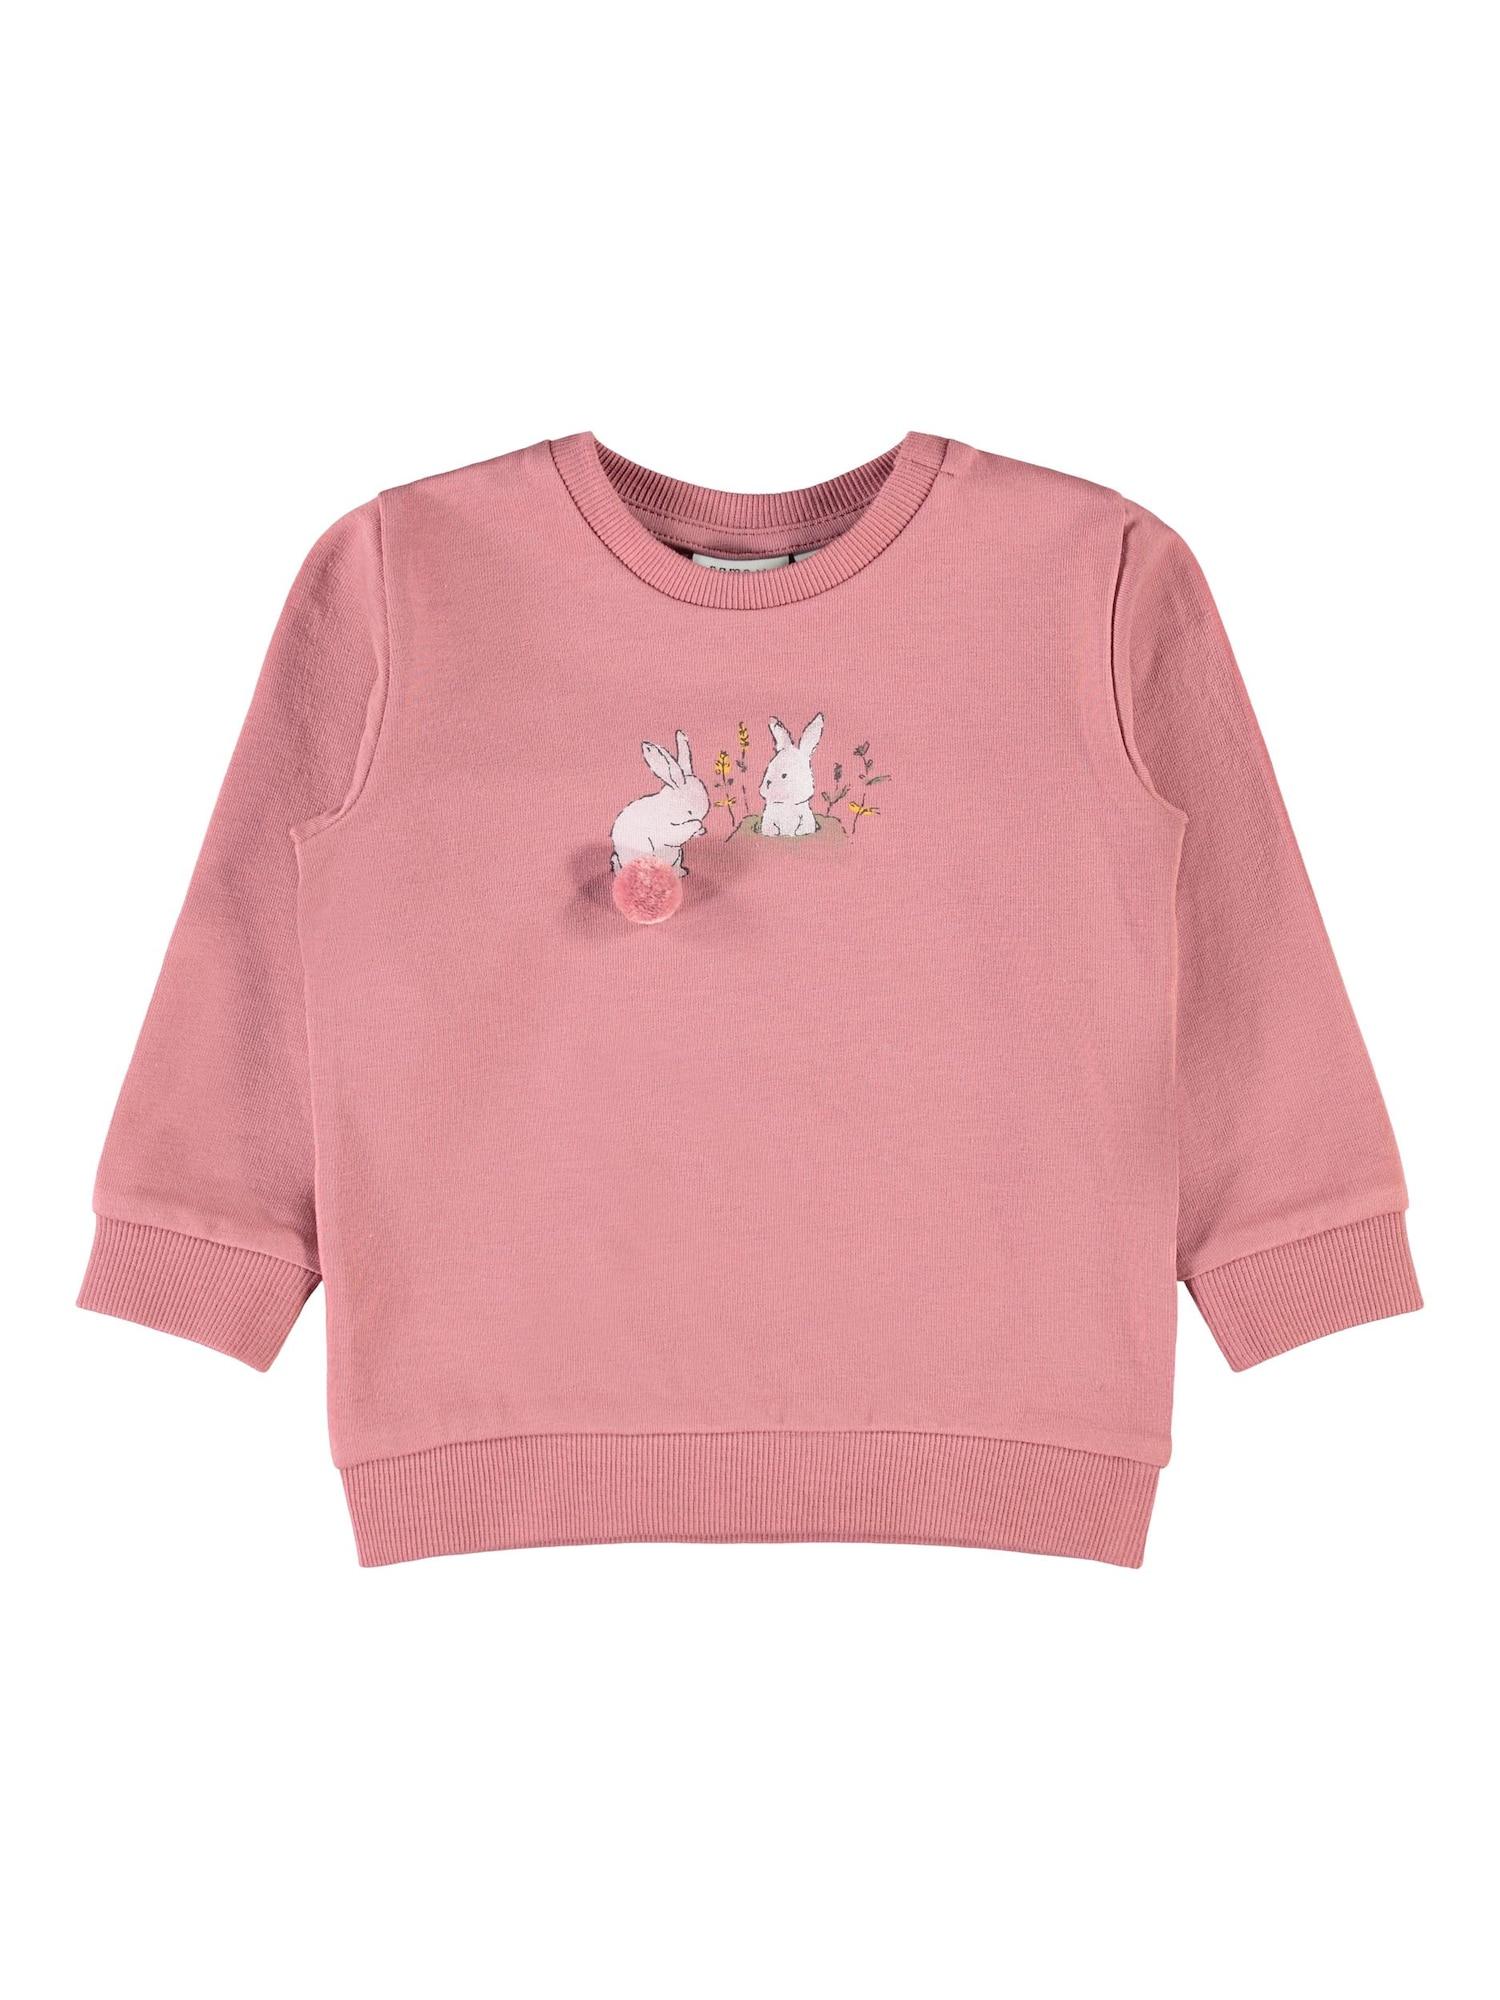 NAME IT Megztinis be užsegimo ryškiai rožinė spalva / balta